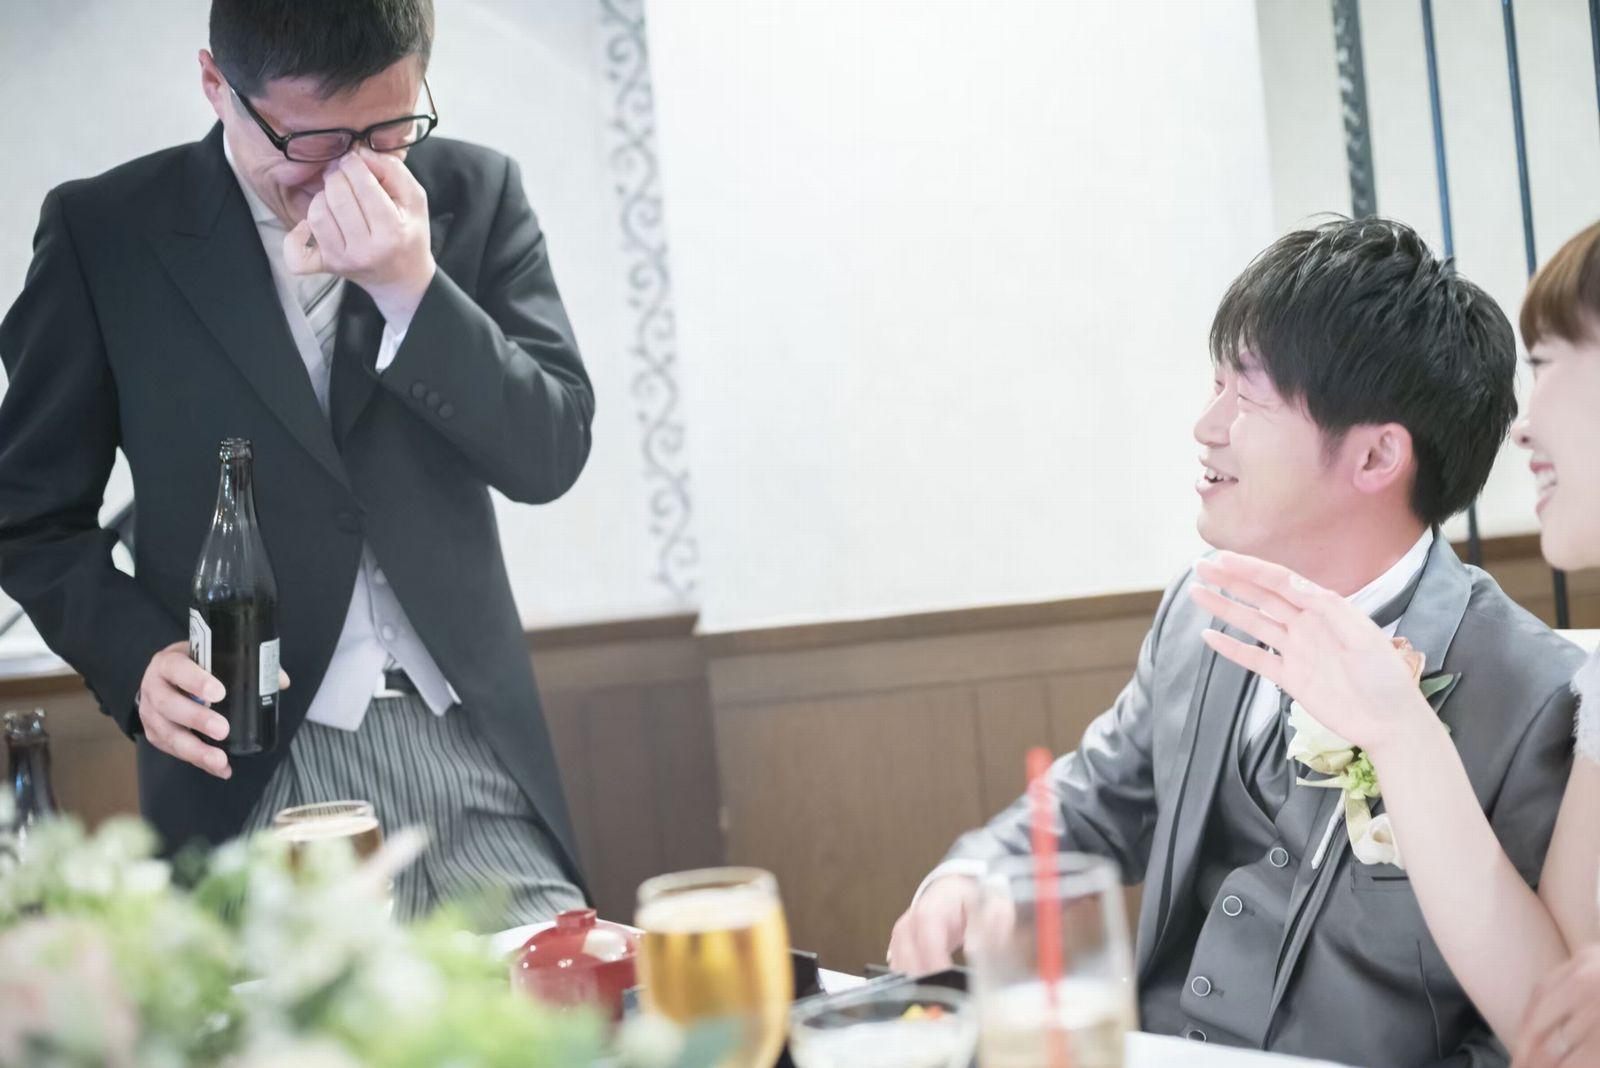 香川県の結婚式場シェルエメール&アイスタイル 涙